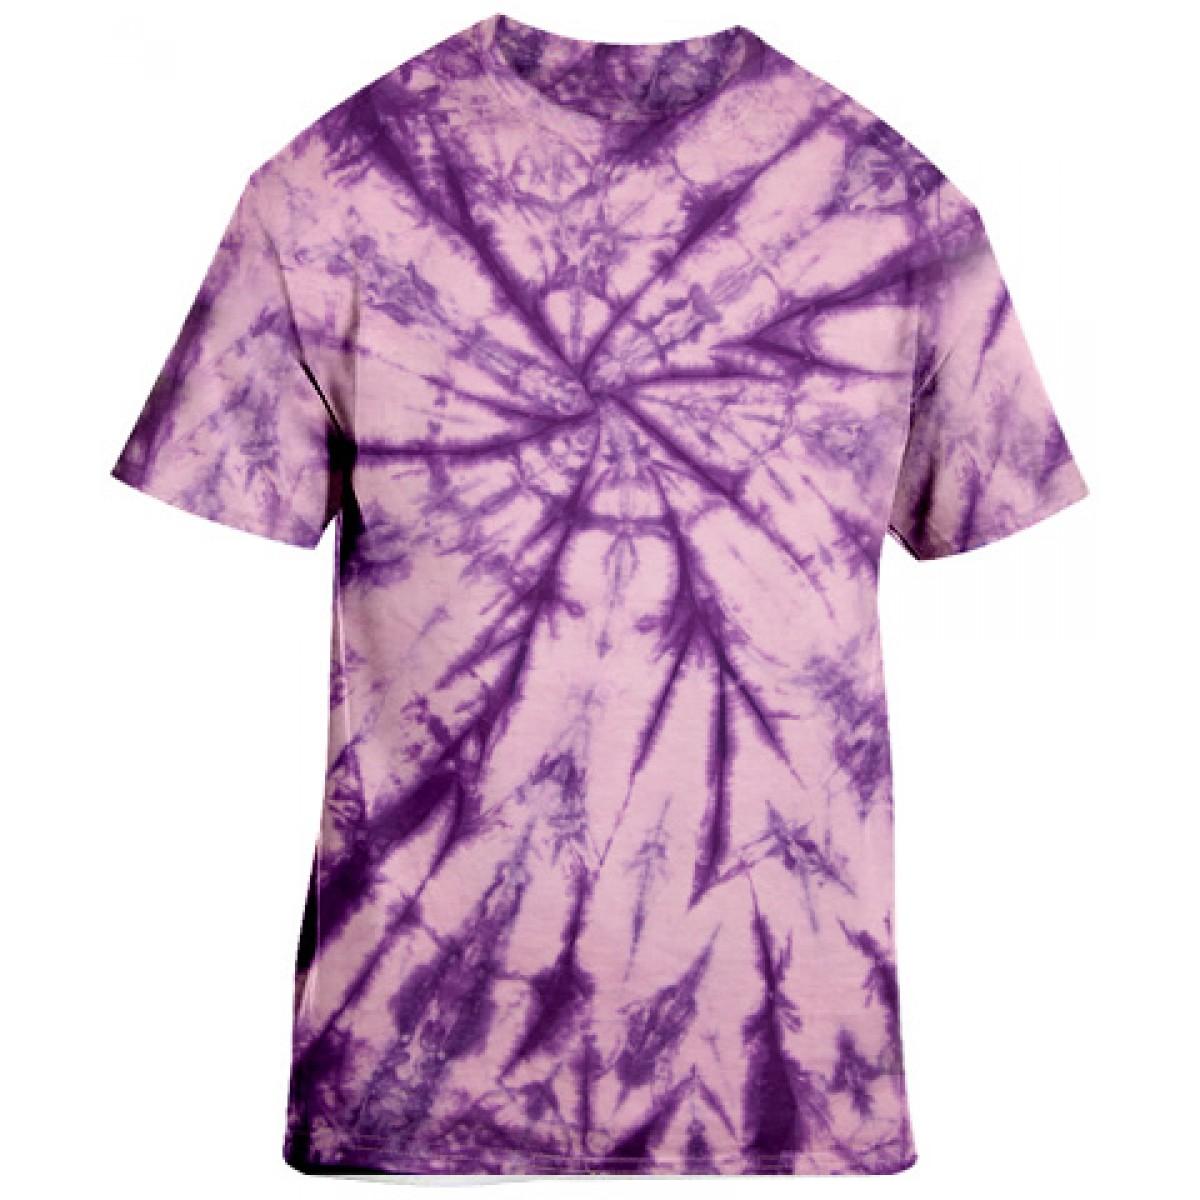 Tie-Dye Purple Short Sleeve